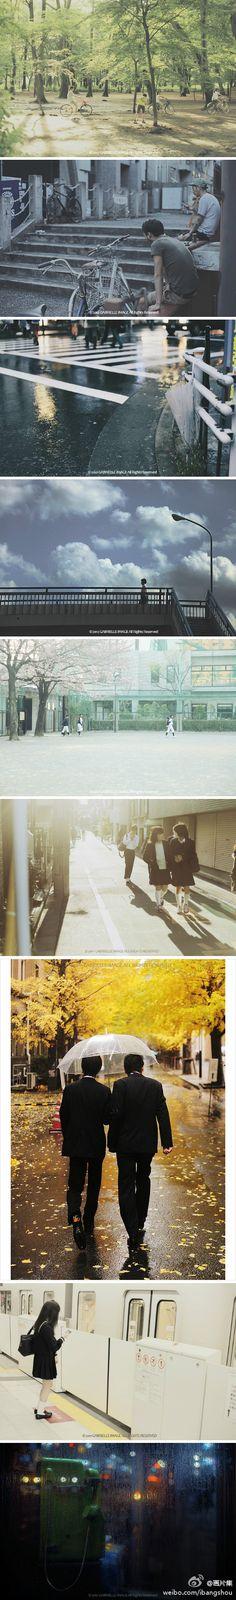 """東京与我.""""这一年里拍摄的东京。只有一年的停留实在太短暂,却正好足够目睹完整的四季。想要拼命珍惜的,怎么珍惜都还是会留下遗憾。还有太多镜头之外无法挽留的,只能留给记忆补完。"""" 作者:@摄影师Gabrielle"""